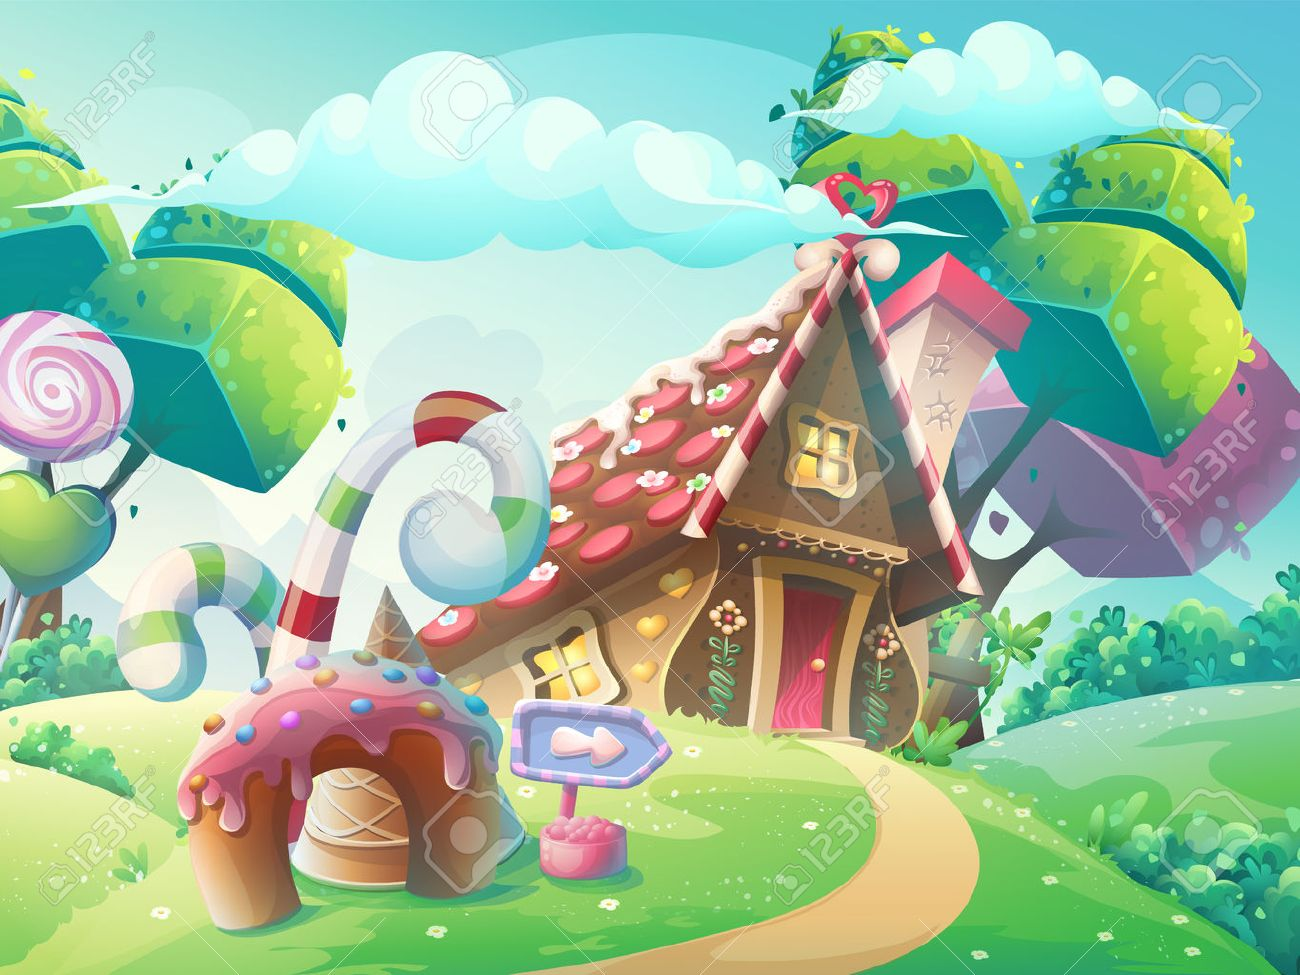 ベクトル漫画イラスト背景甘いお菓子家ファンタジー木、面白いケーキと